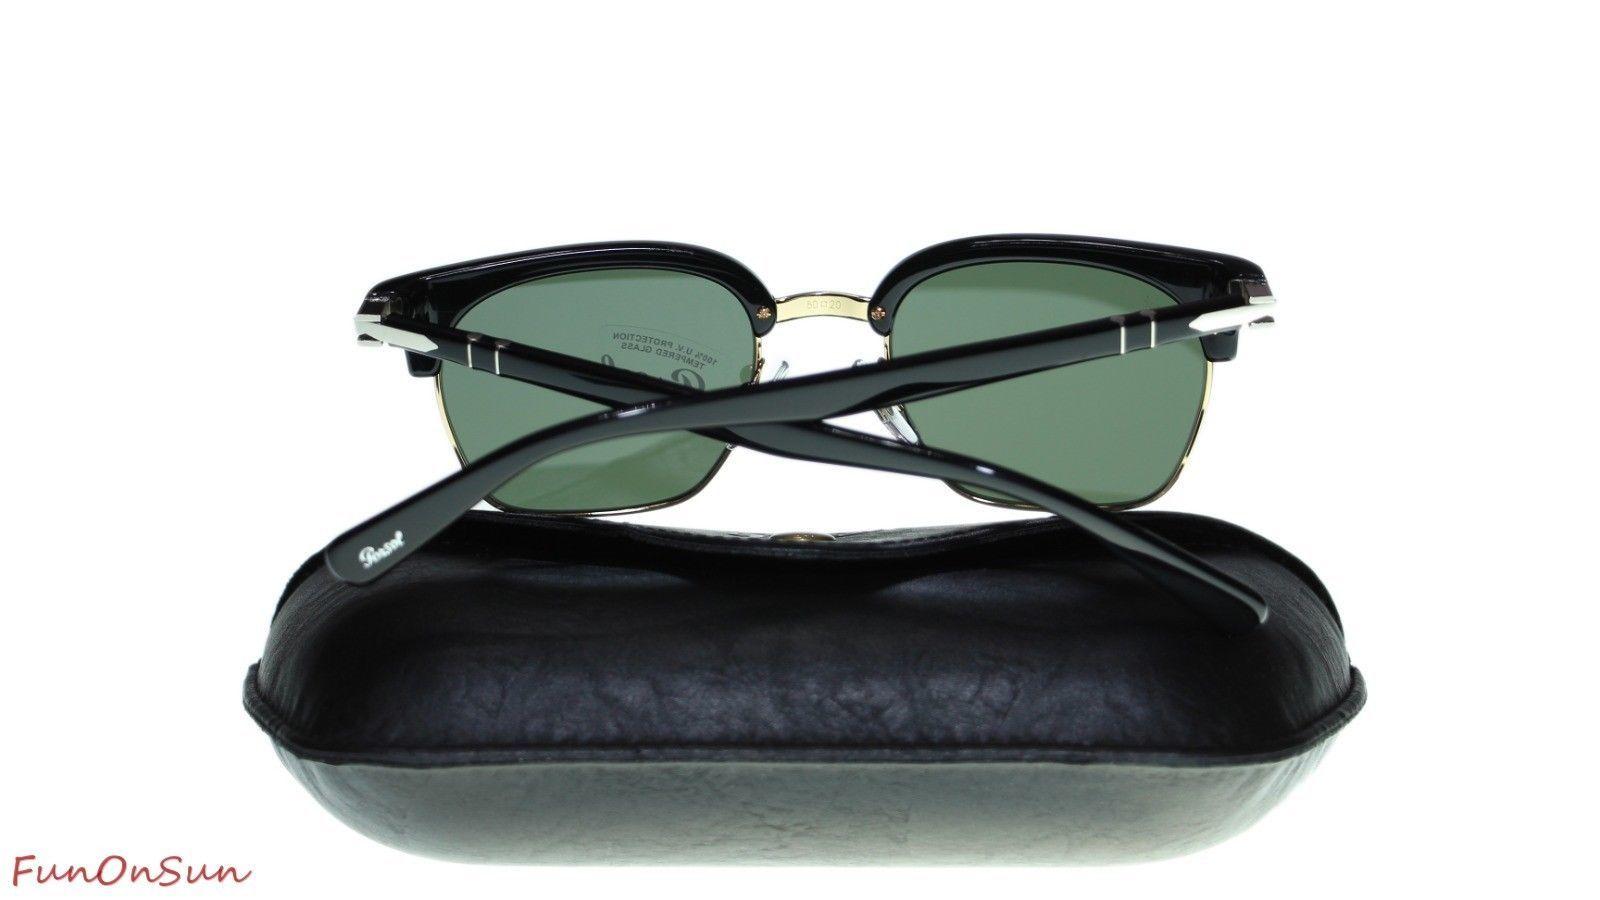 0382d2f24e371 Persol Mens Square Sunglasses PO3199S 9531 Black Green Lens 50mm